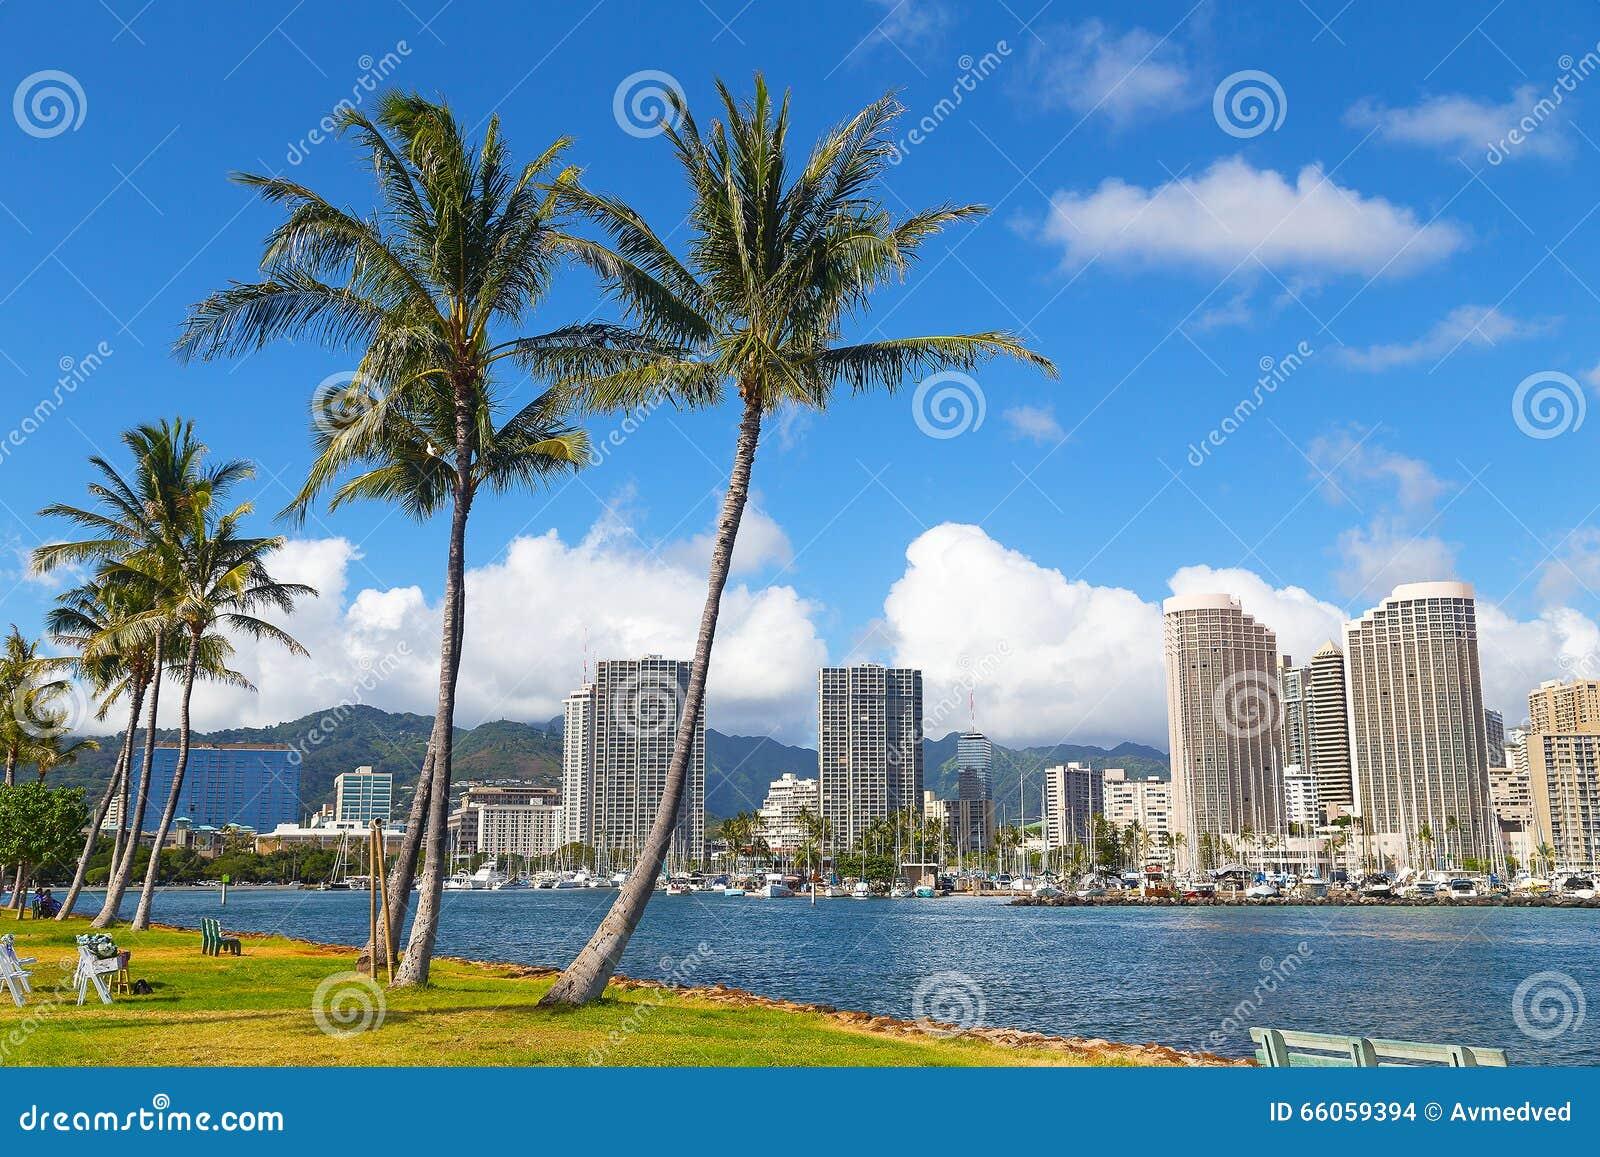 Waikiki strandsemesterort och marina i Honolulu, Hawaii, USA